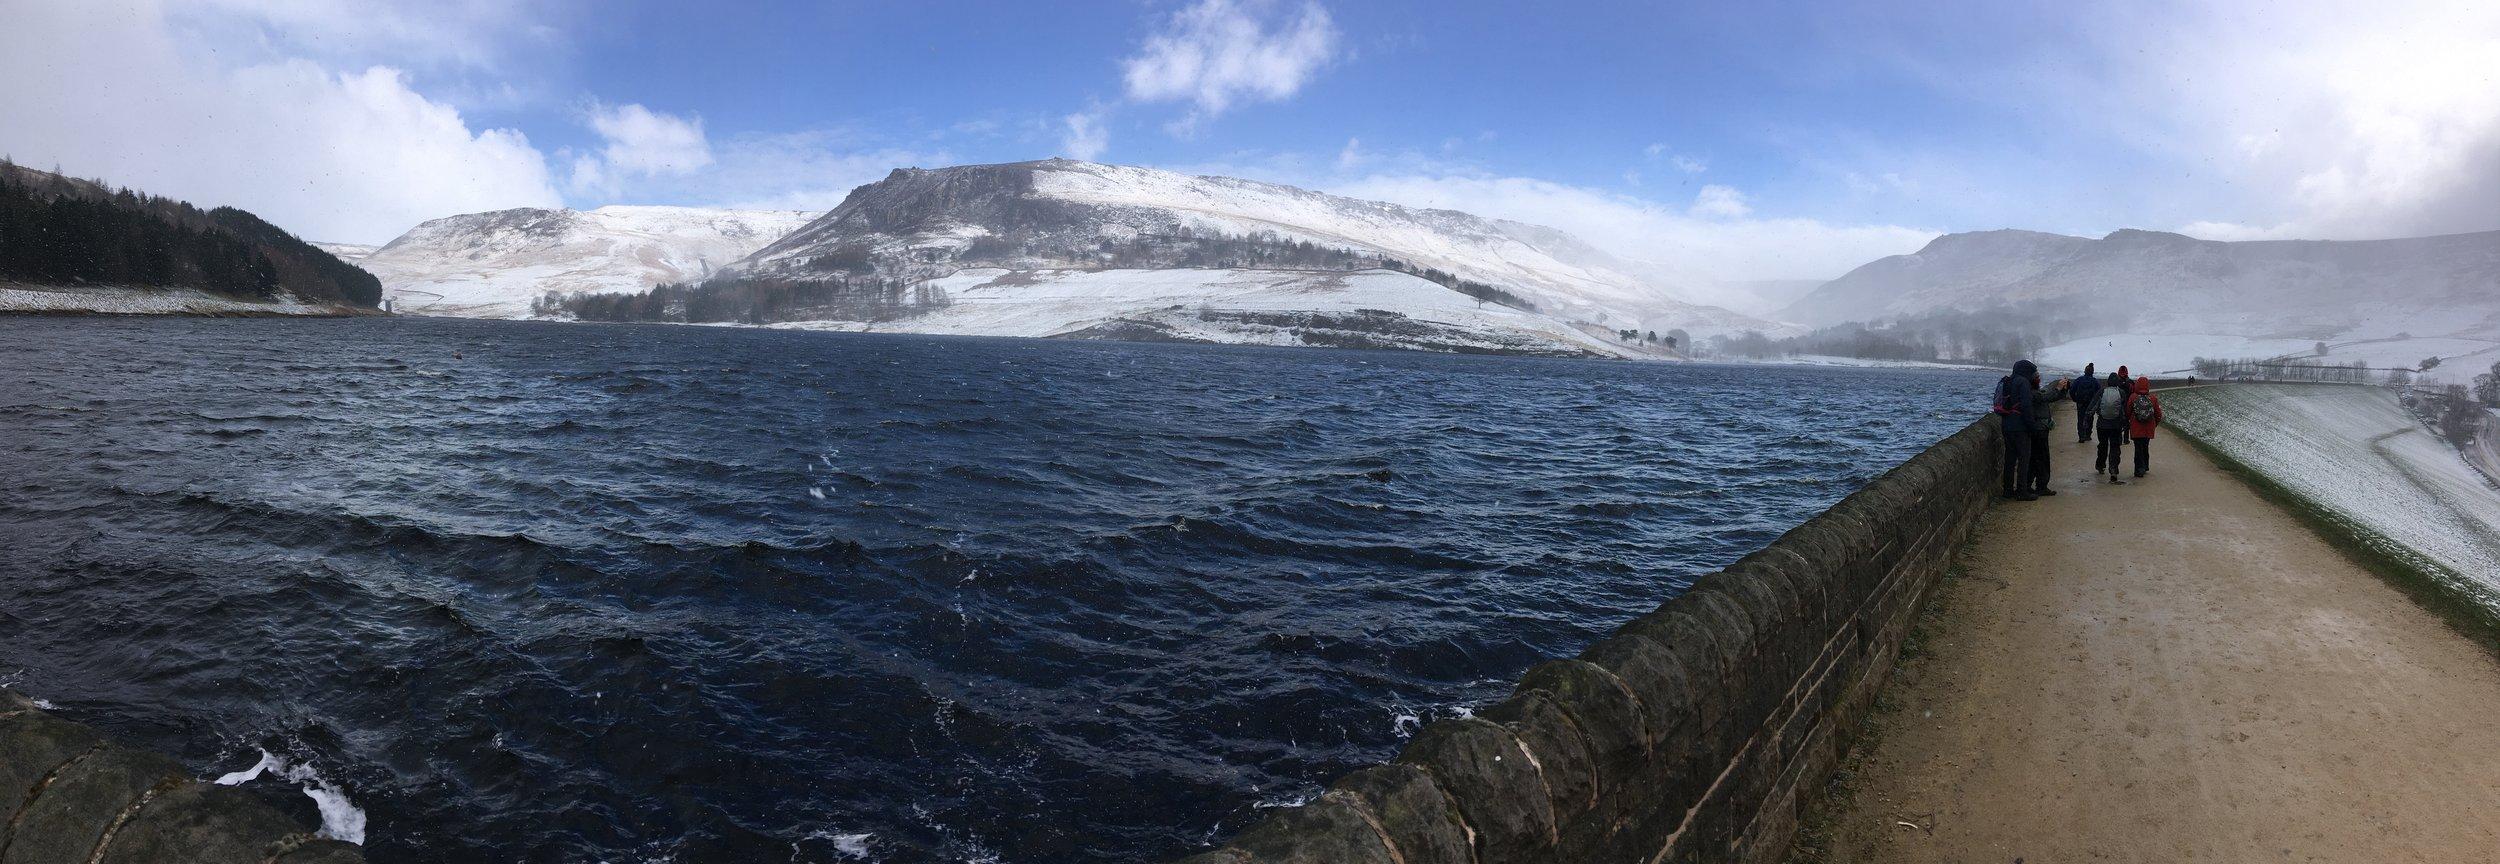 A Winter view of the Dovestone area